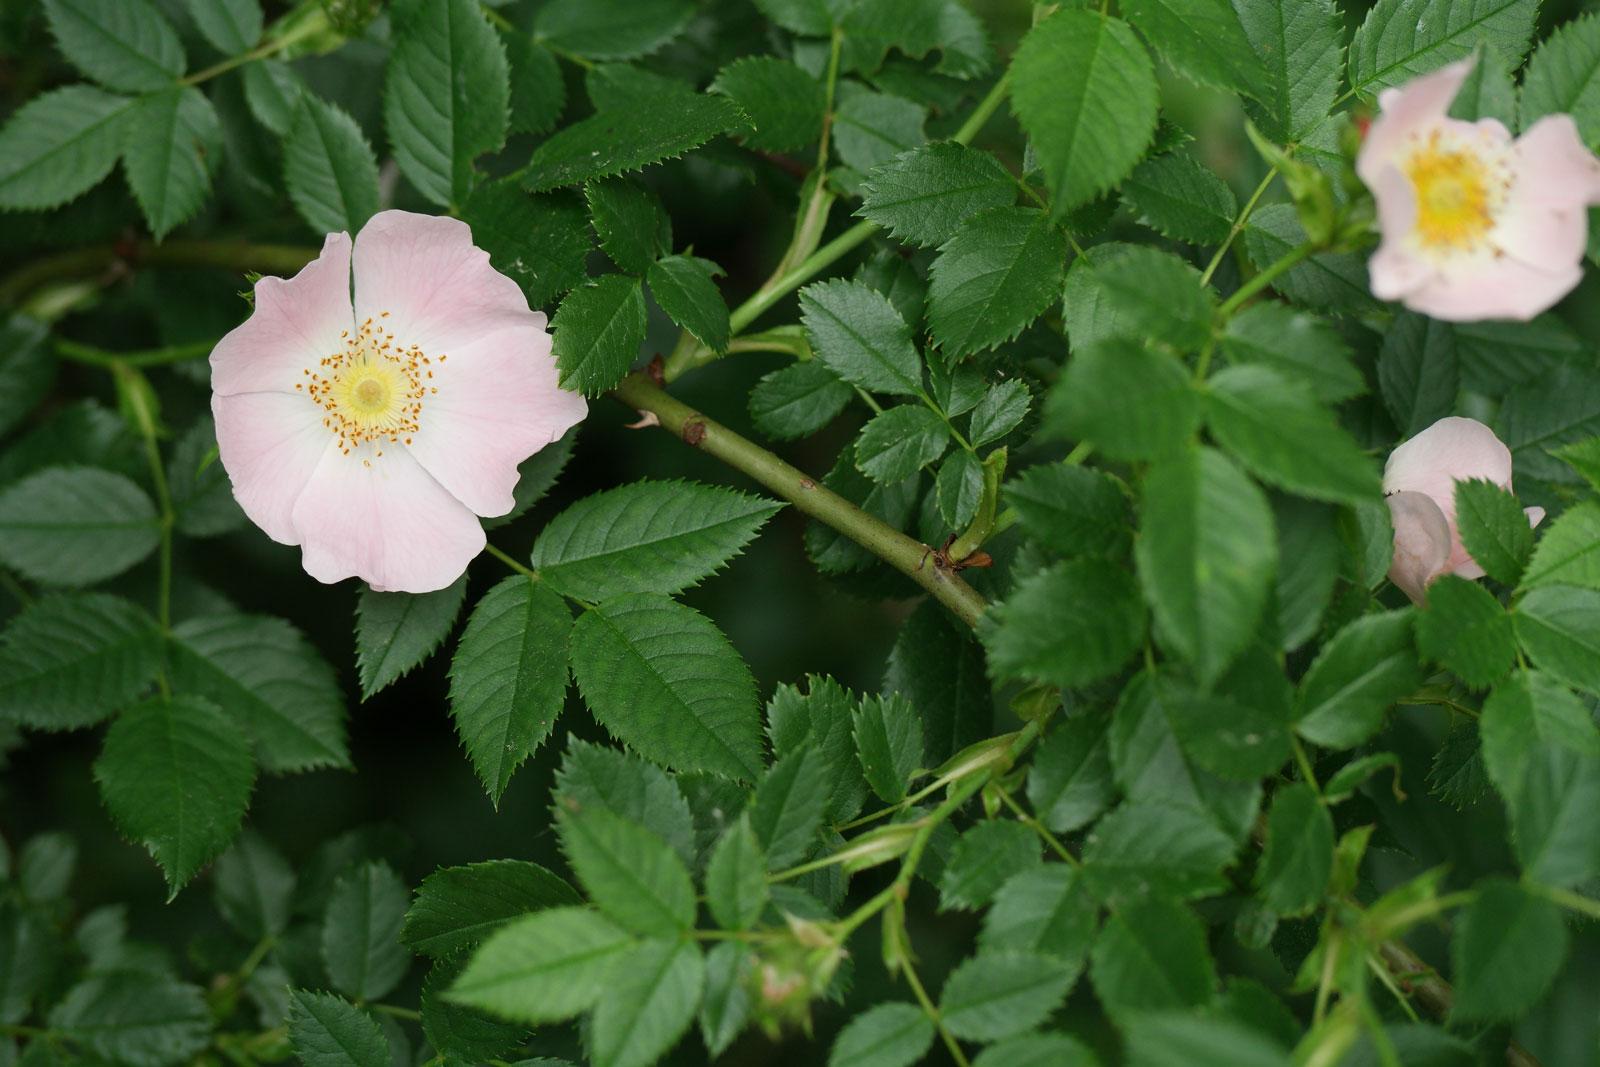 Шиповник собачий (роза канина): описание внешнего вида и лечебных свойств